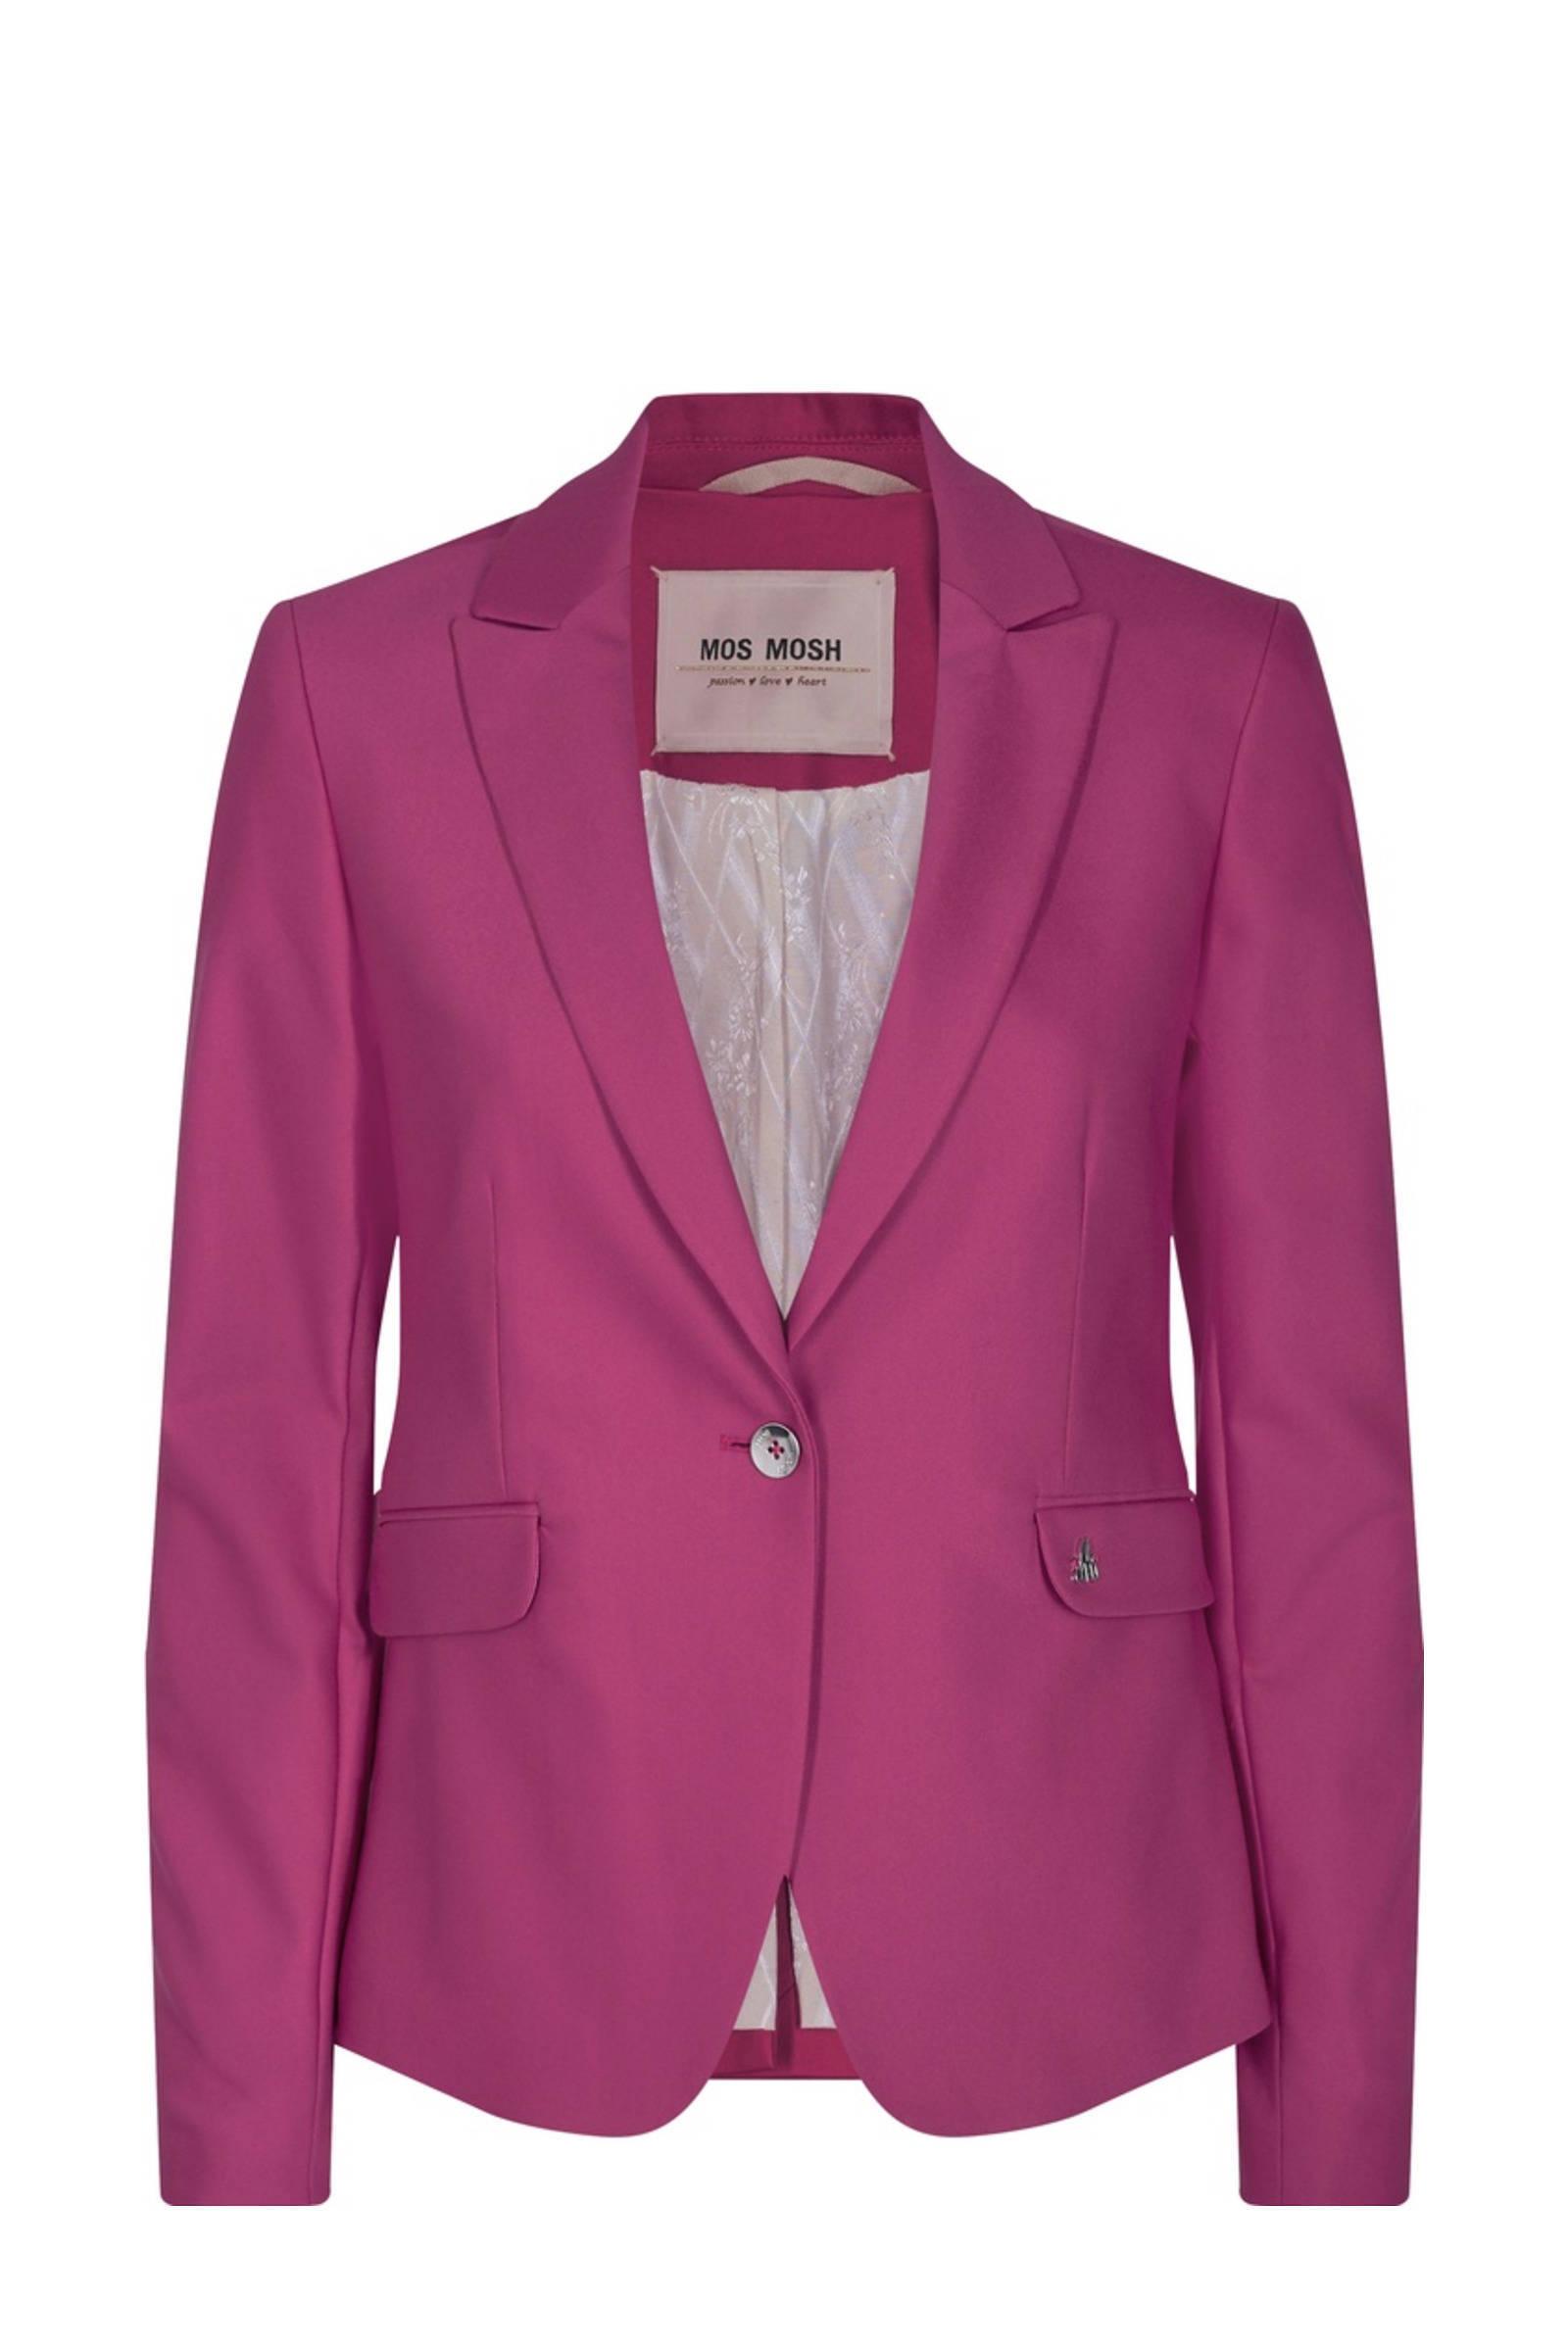 Roze blazers voor dames kopen Vind jouw Roze blazers voor